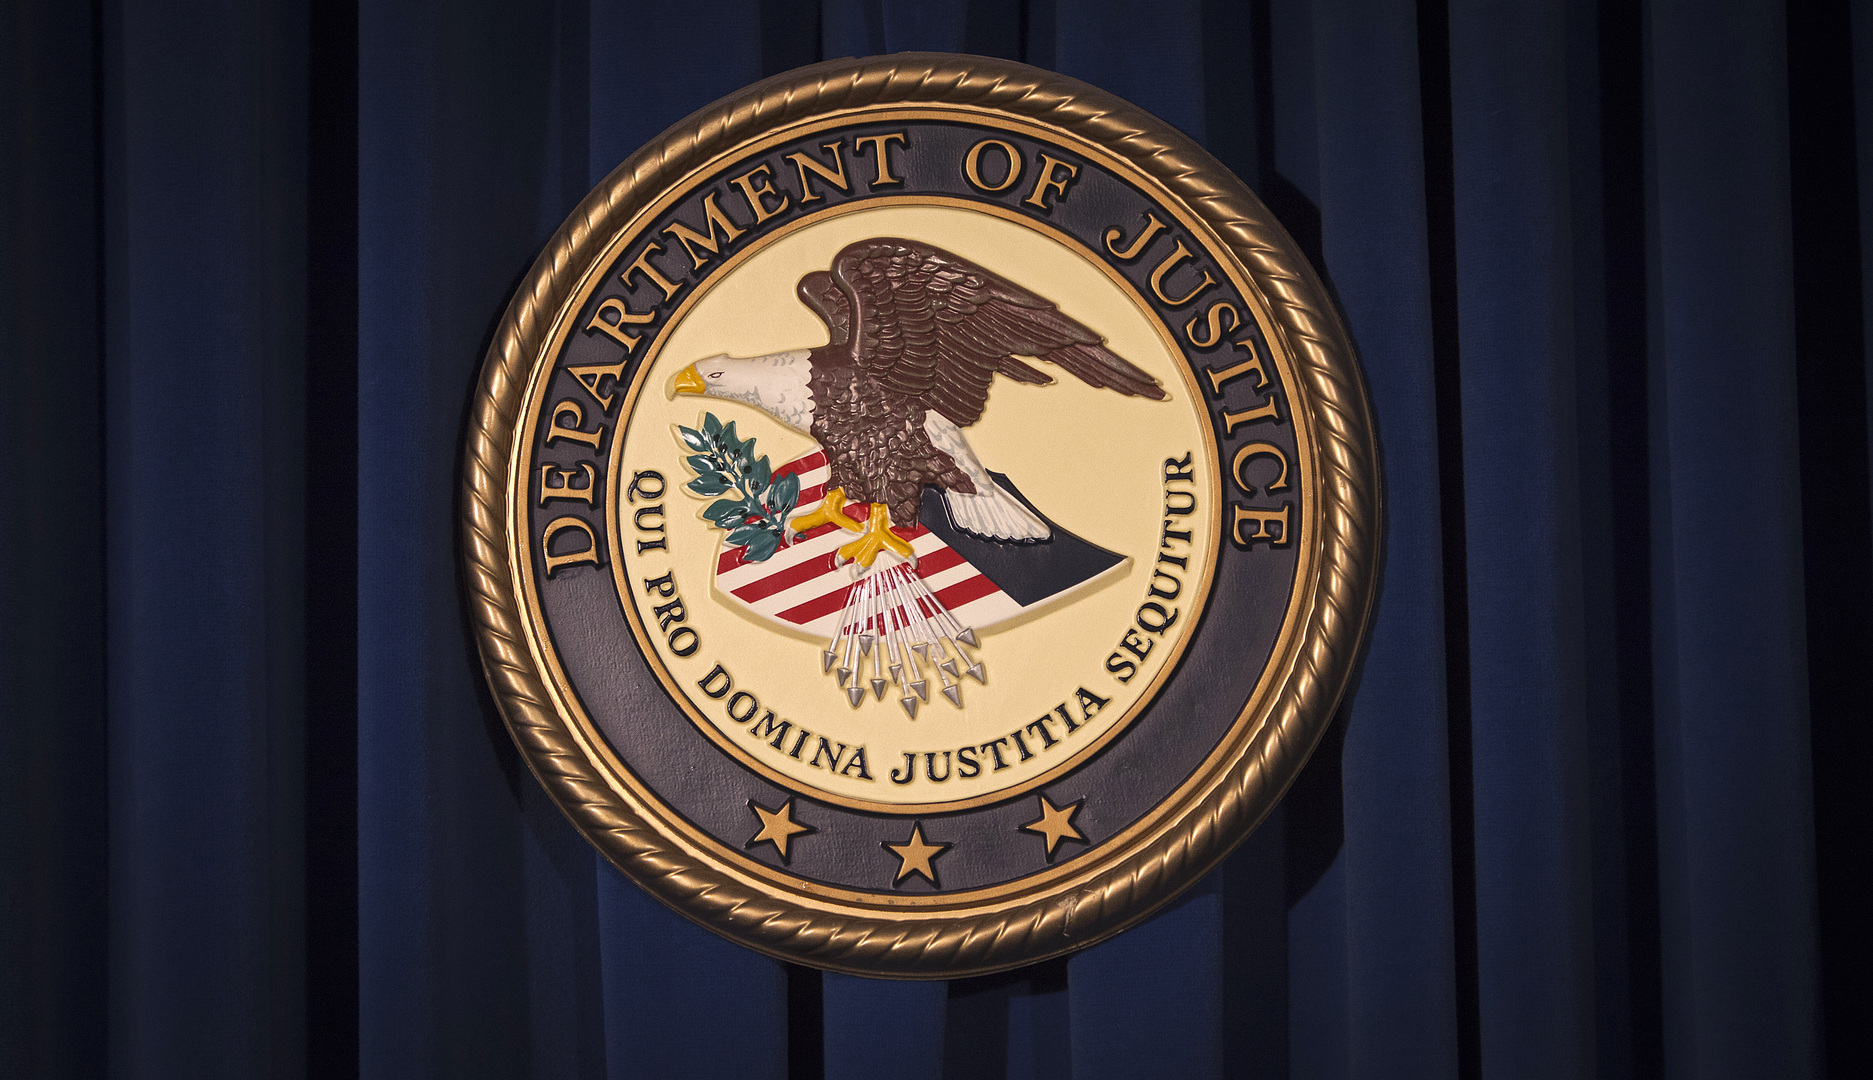 واشنطن تتهم خمسة أشخاص بمحاولة تهريب معدات عسكرية إلى روسيا